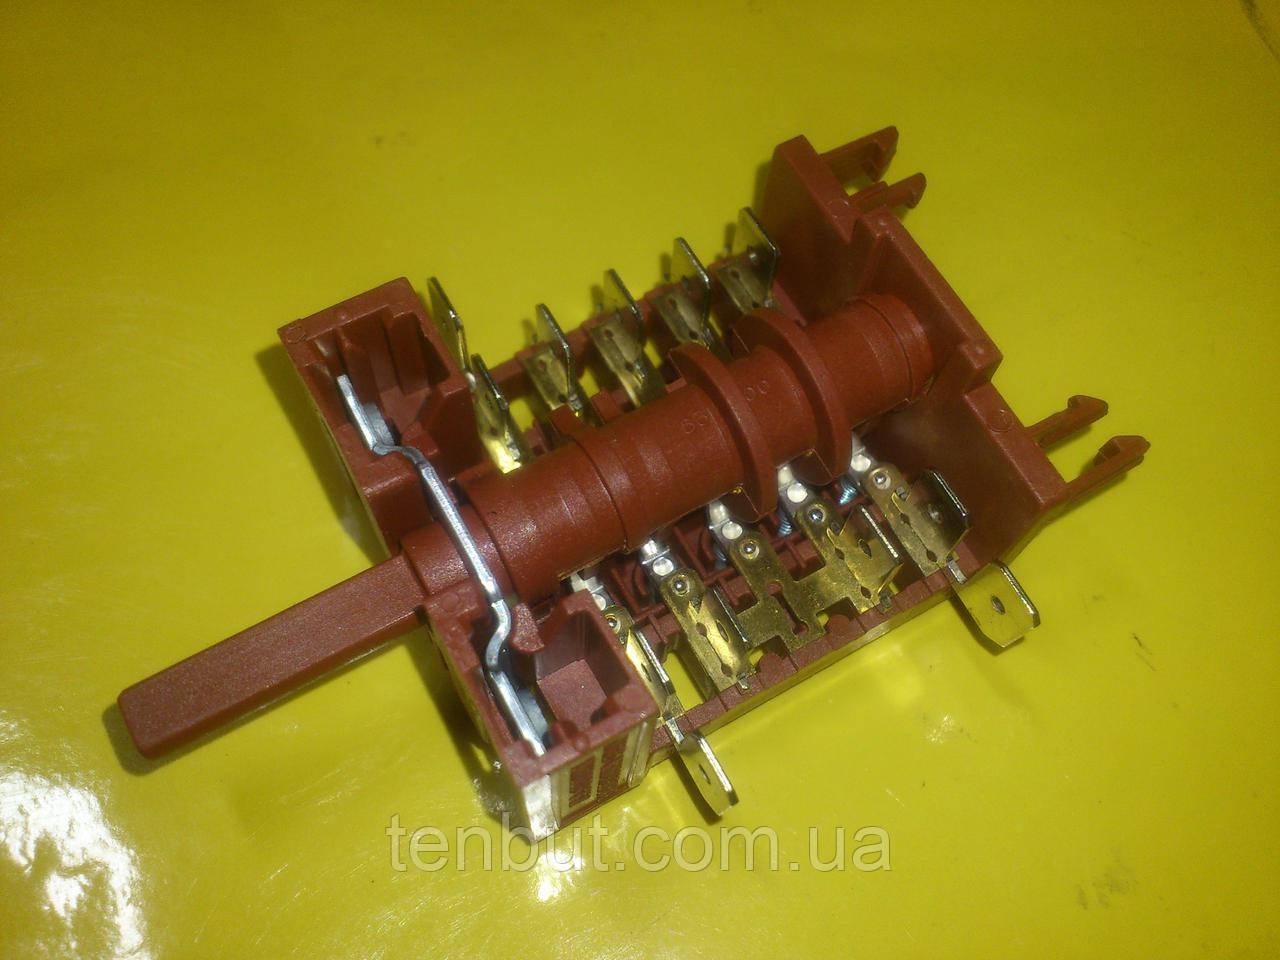 Переключатель 830500 для электродуховок Ардо Беко Ханса и до. производство Испания Barcelona